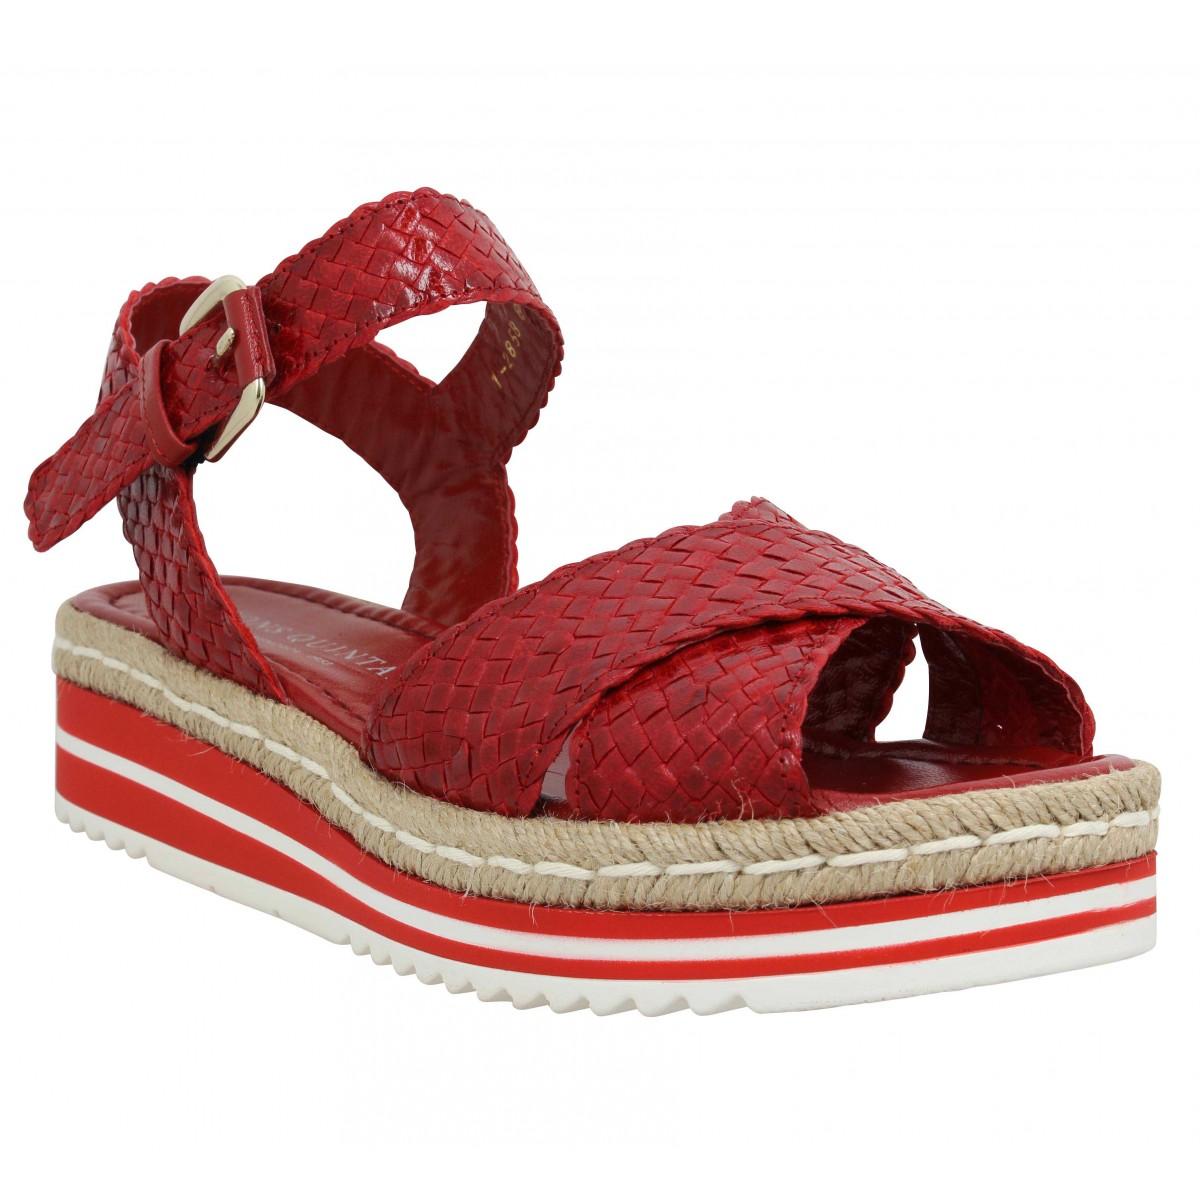 Sandales talons PONS QUINTANA 8331 cuir tresse Femme Rouge